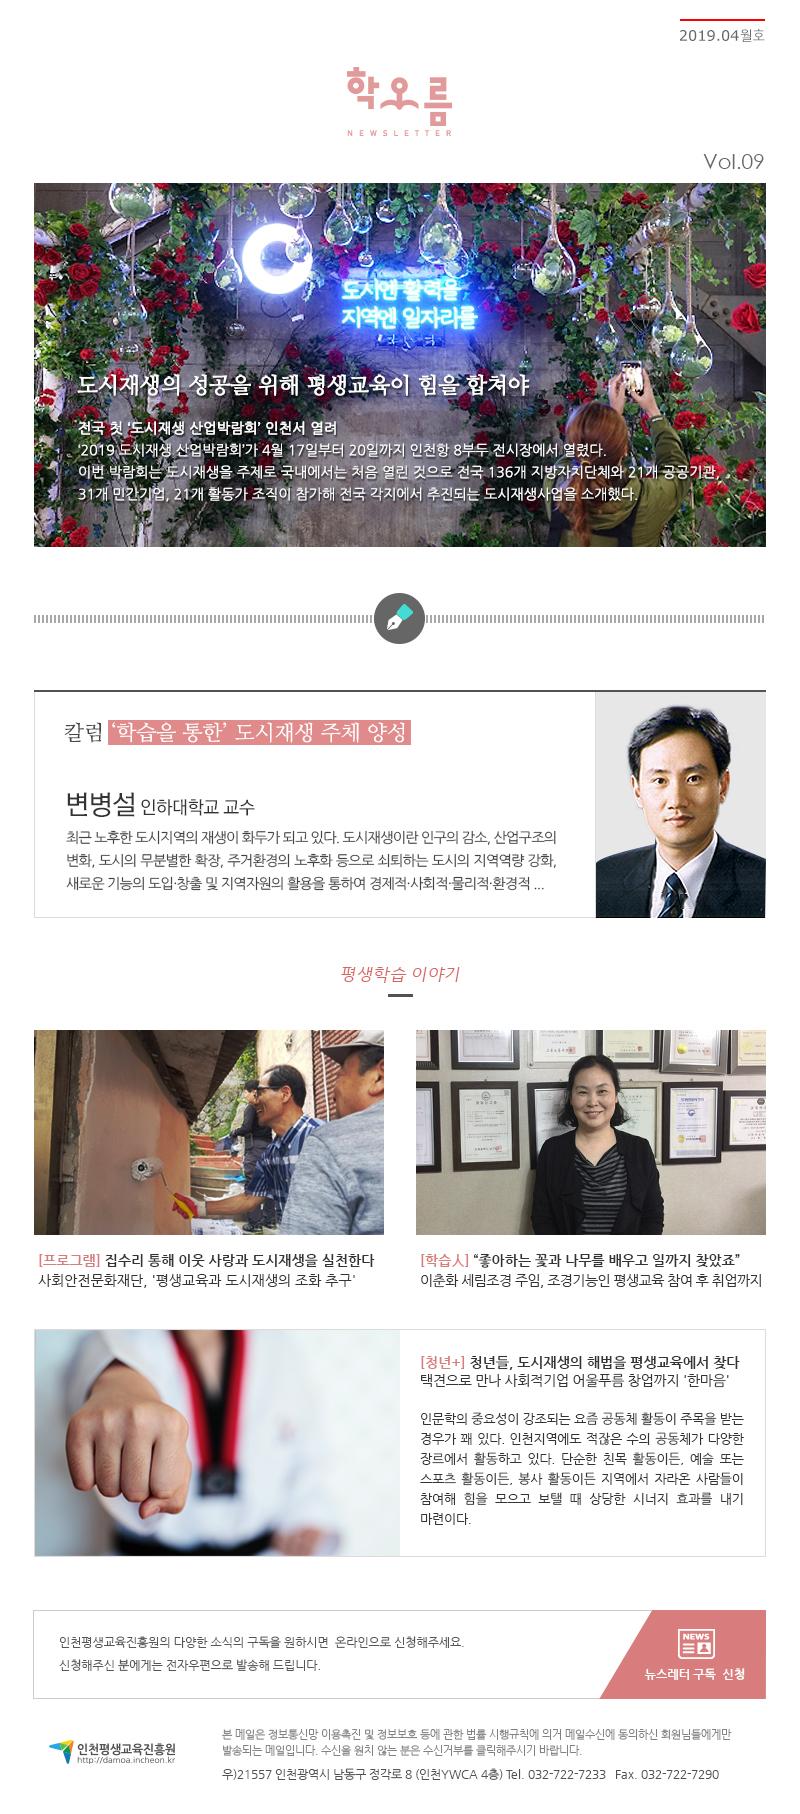 인천평생교육진흥원 학오름